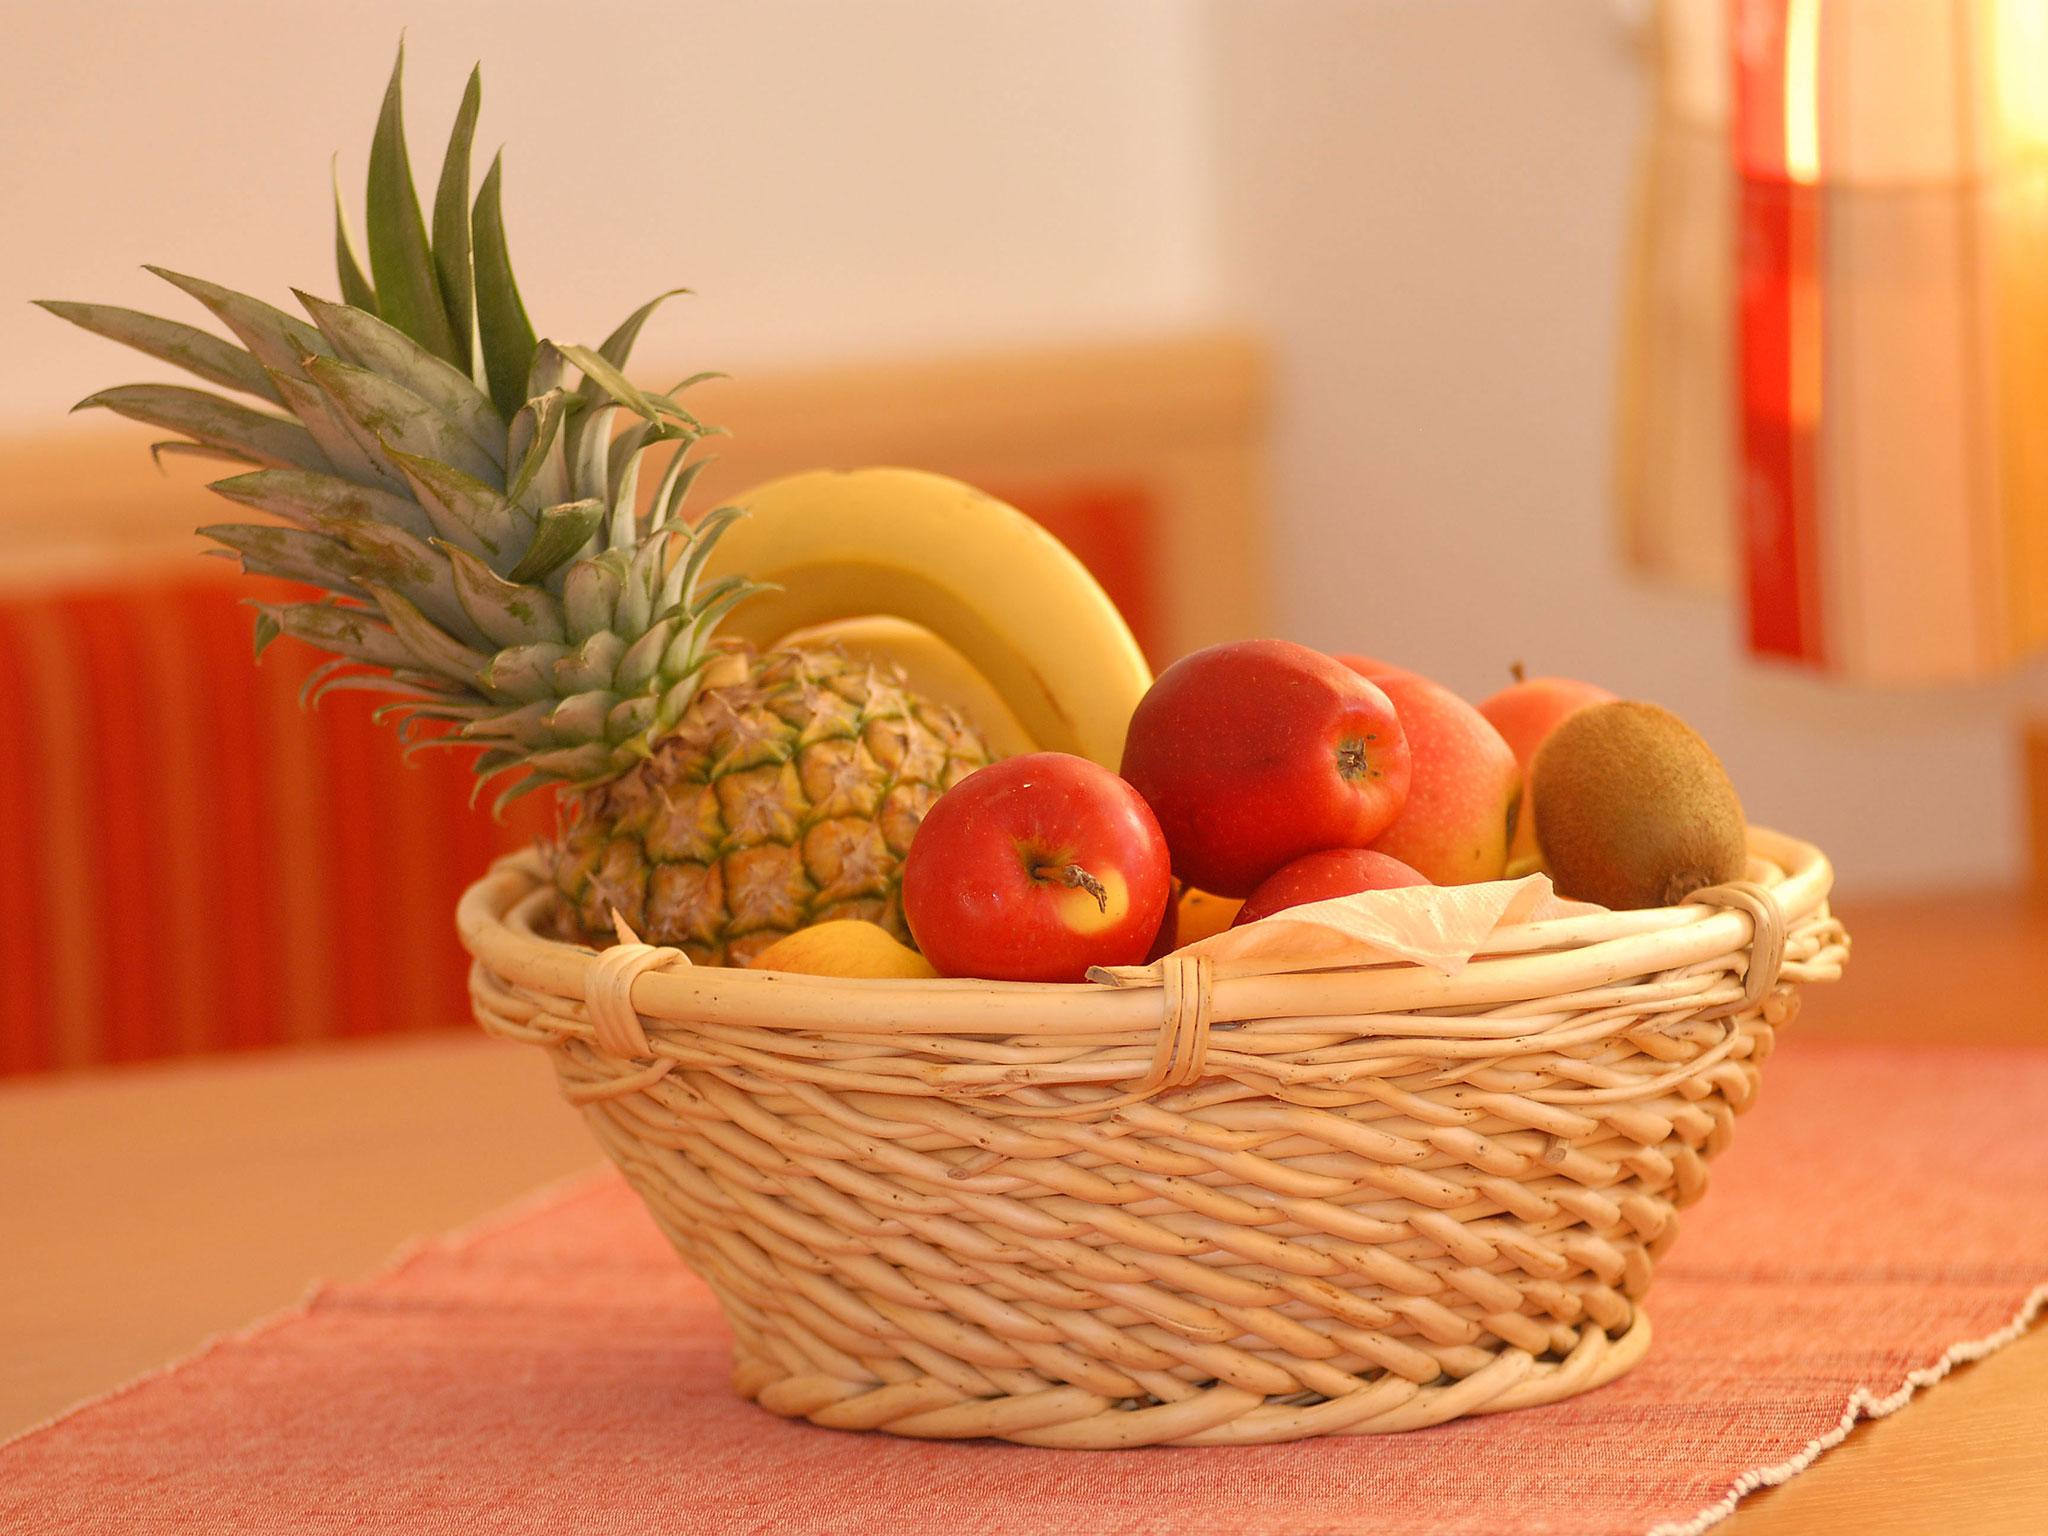 Detailaufnahme Obstkorb